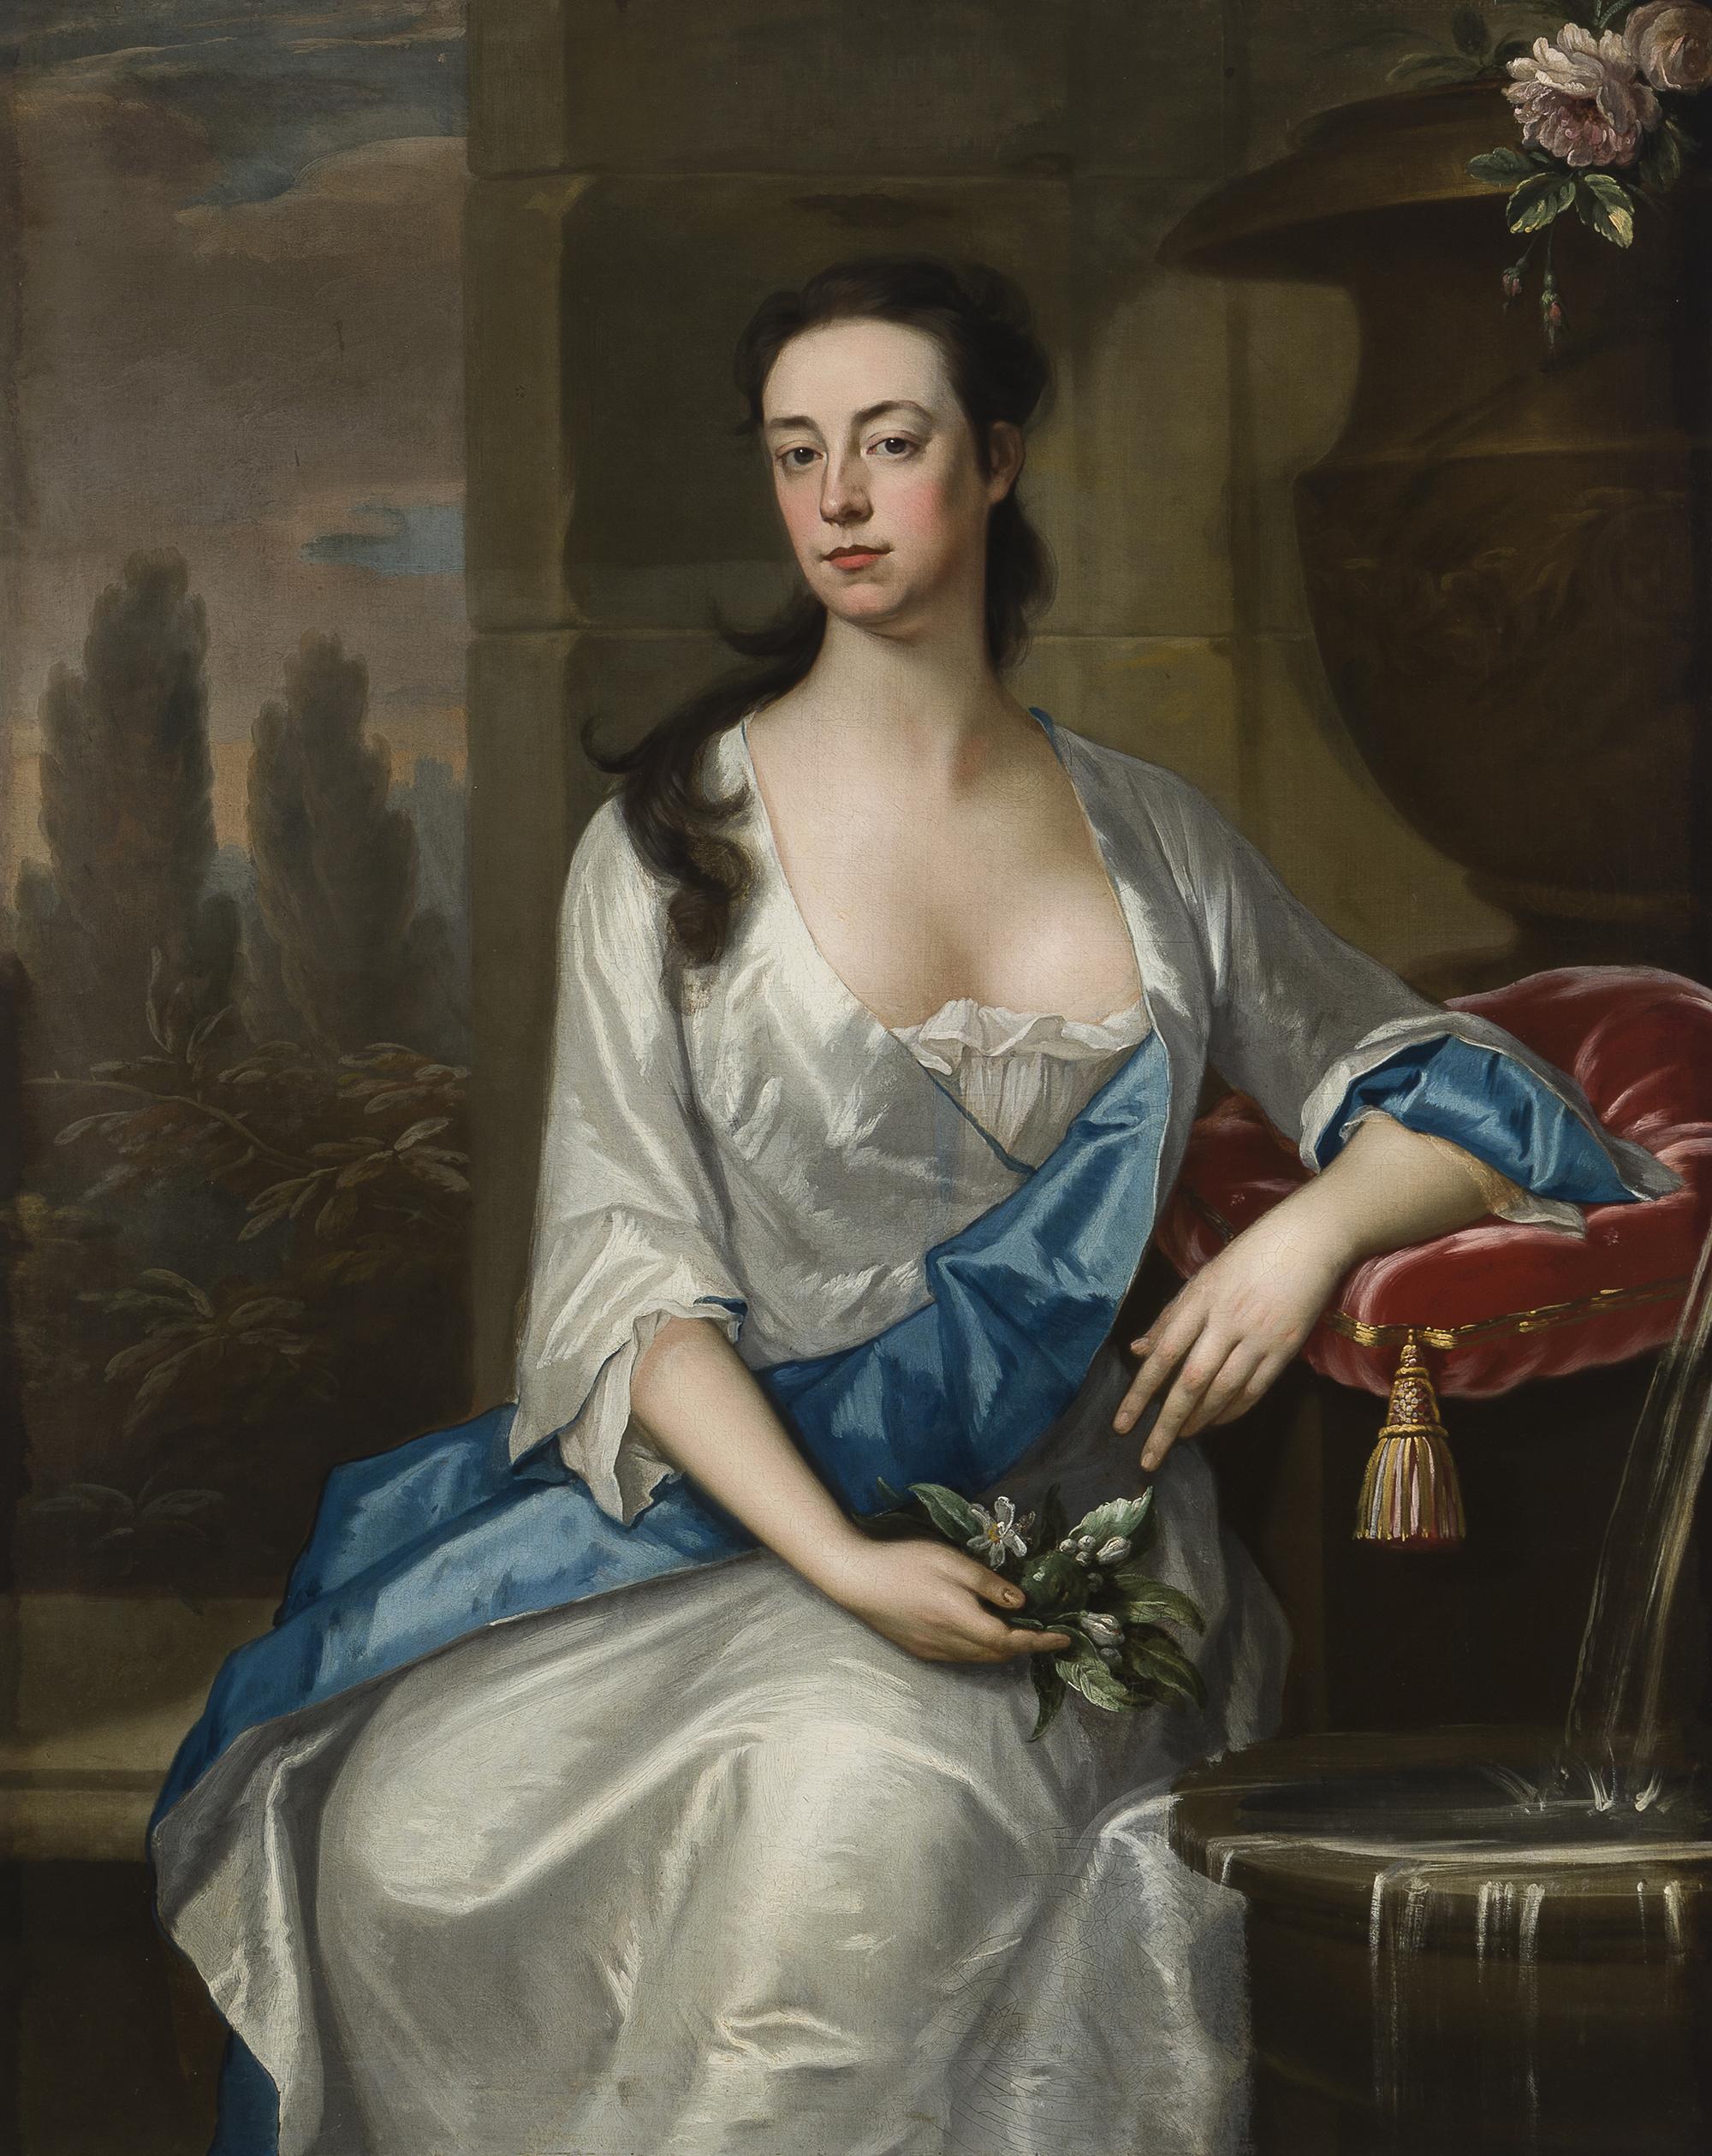 Michael Dahl (1659-1743 Swedish), Portrait of Mary Parker, Oil on canvas laid to canvas, est: $12,000-18,000